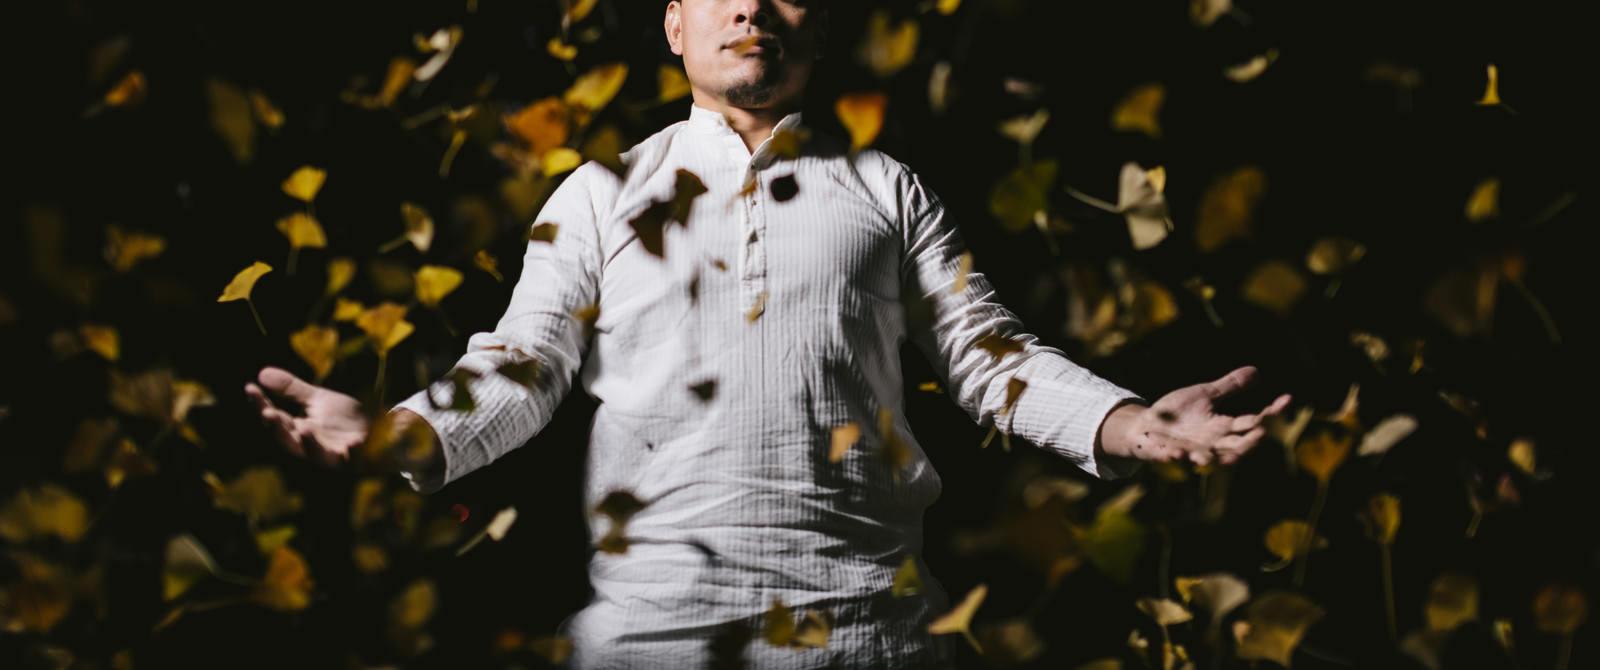 「この落ち葉が札束に変わる日も近いですよ」の写真